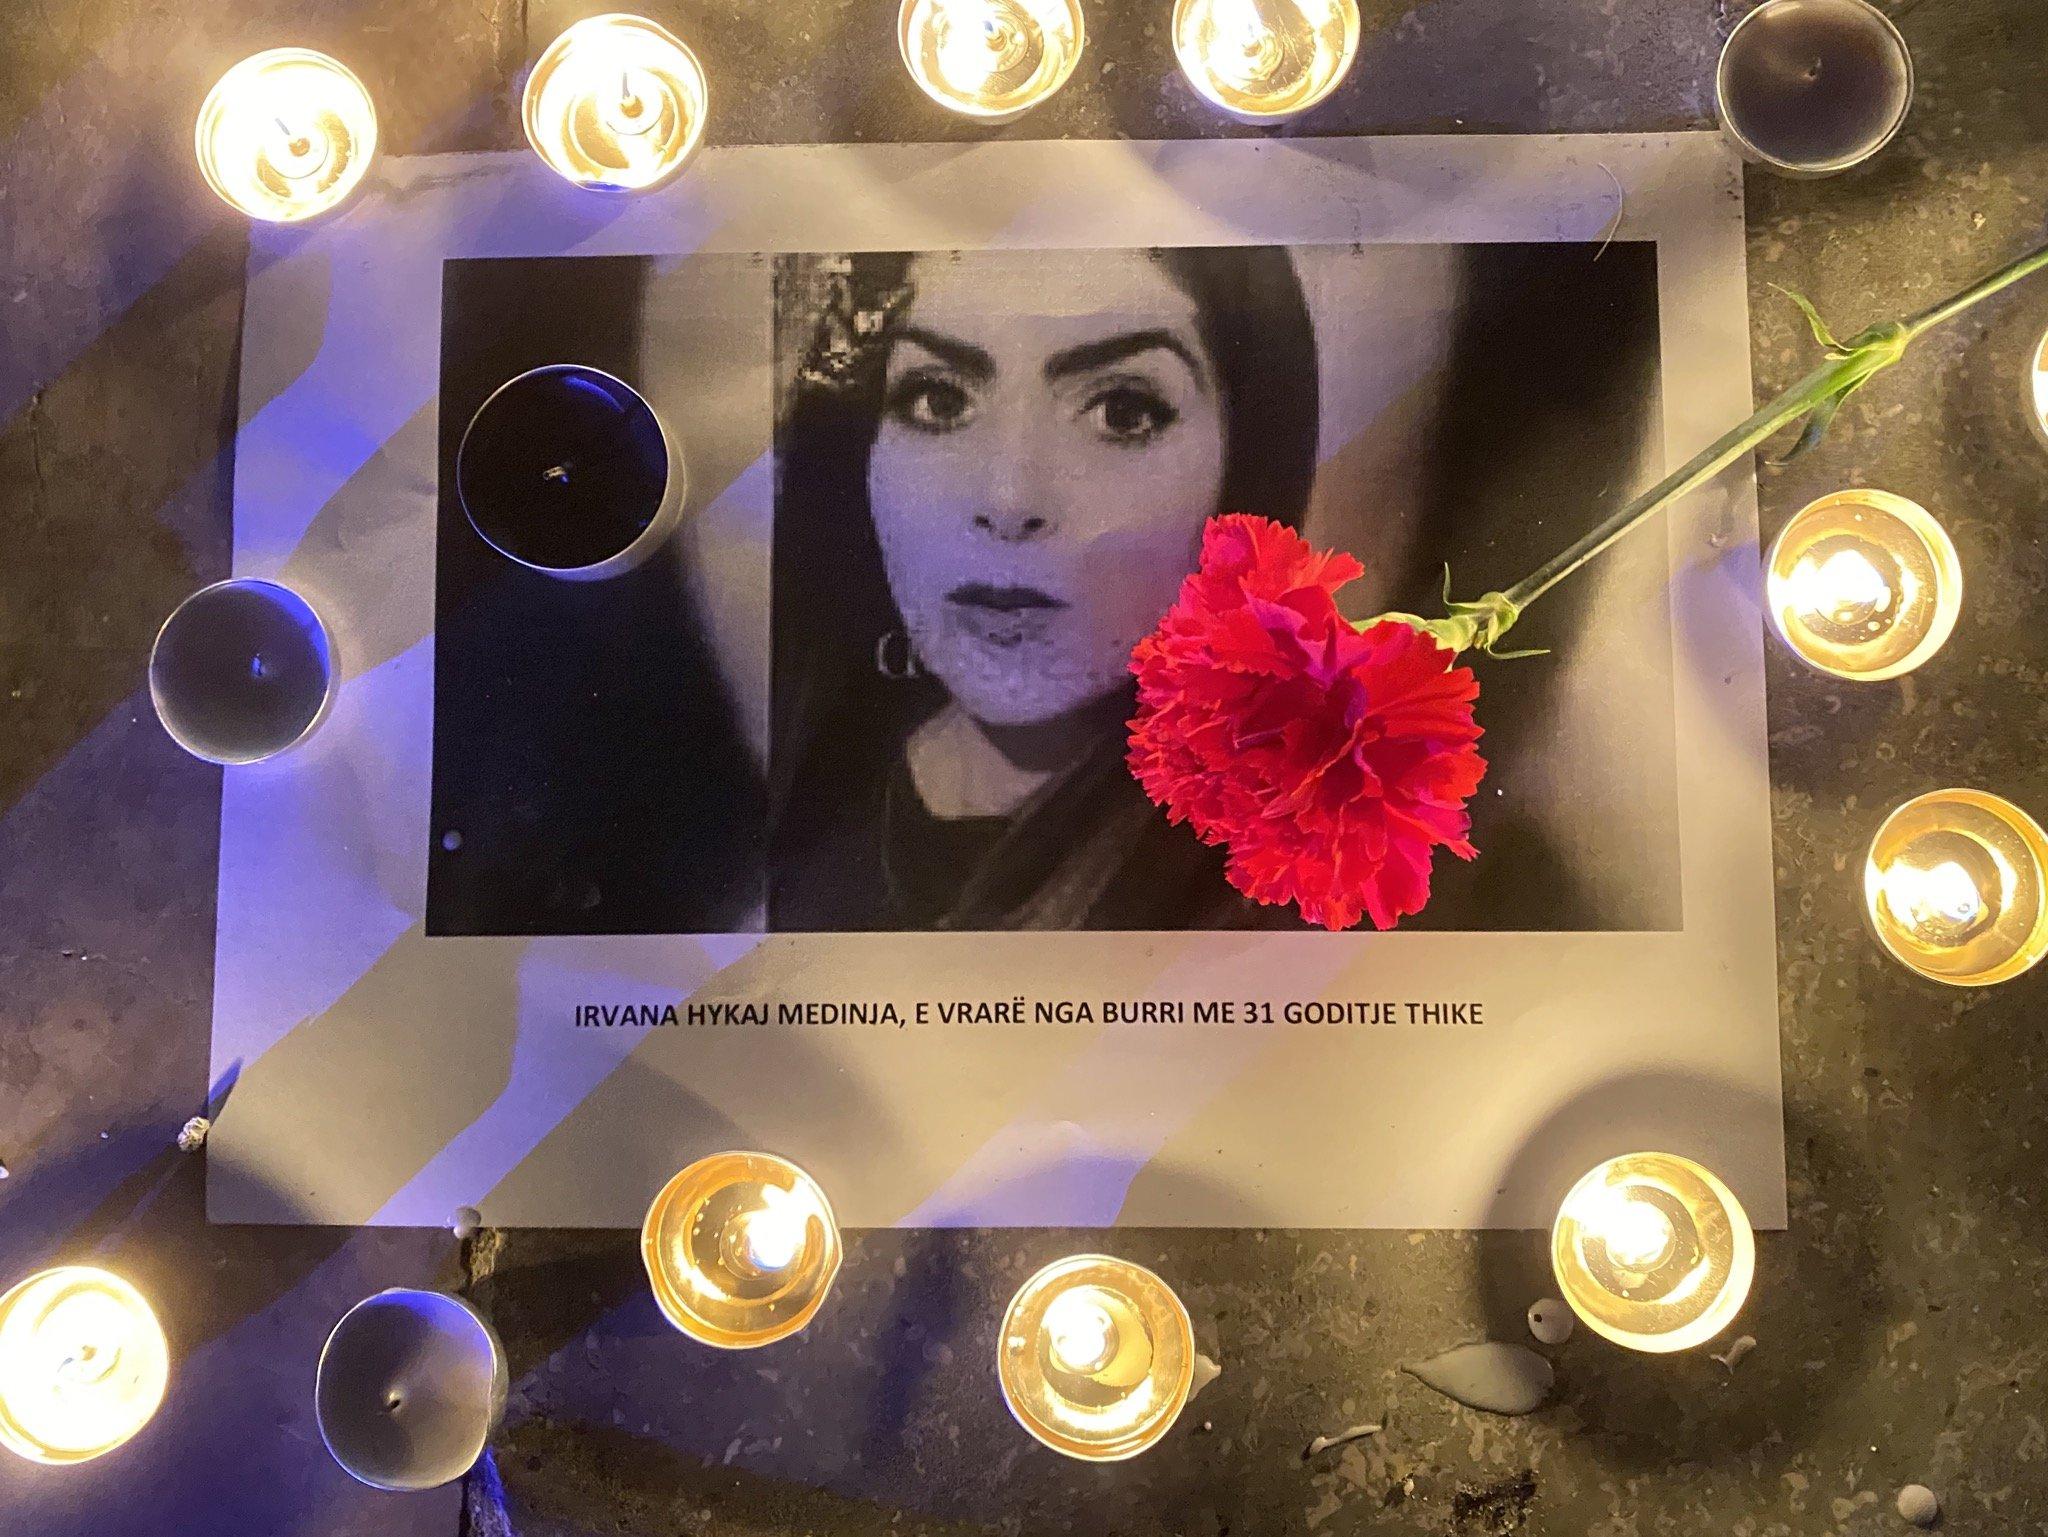 """Homazh në sheshin """"Skënderbej"""", qytetarët nderojnë Irvanën e vrarë"""